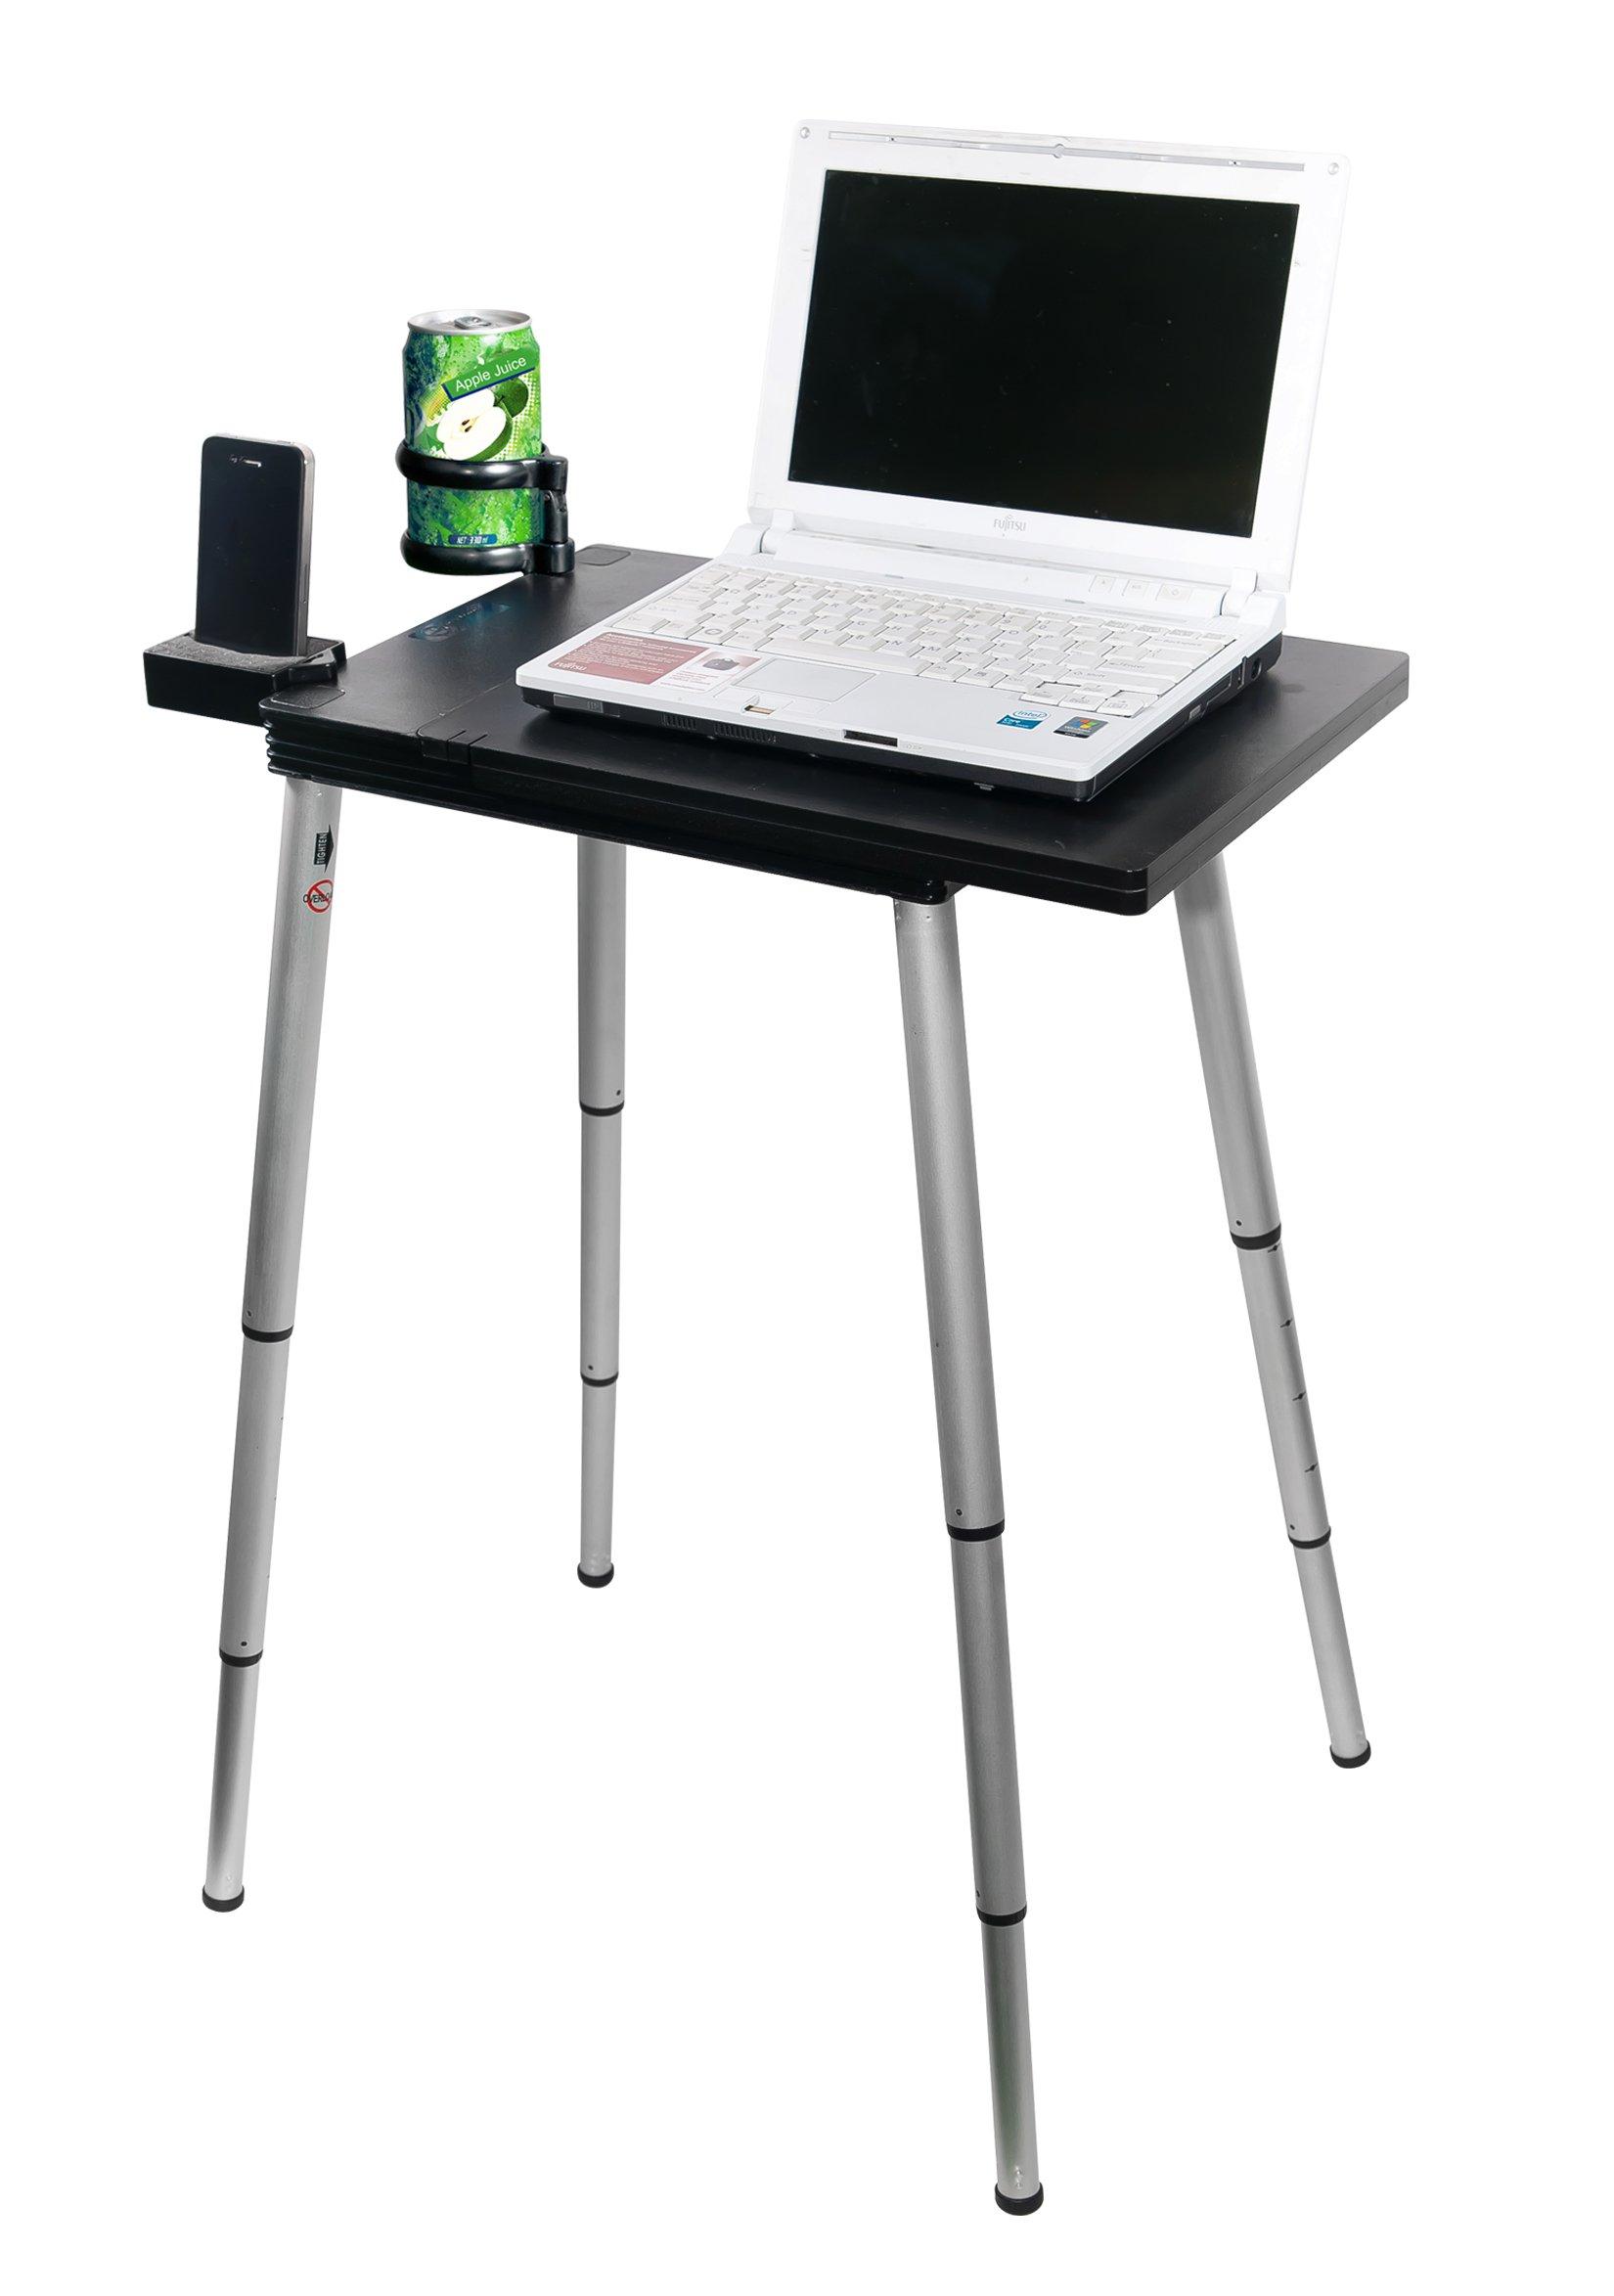 computer stand deals on 1001 blocks. Black Bedroom Furniture Sets. Home Design Ideas